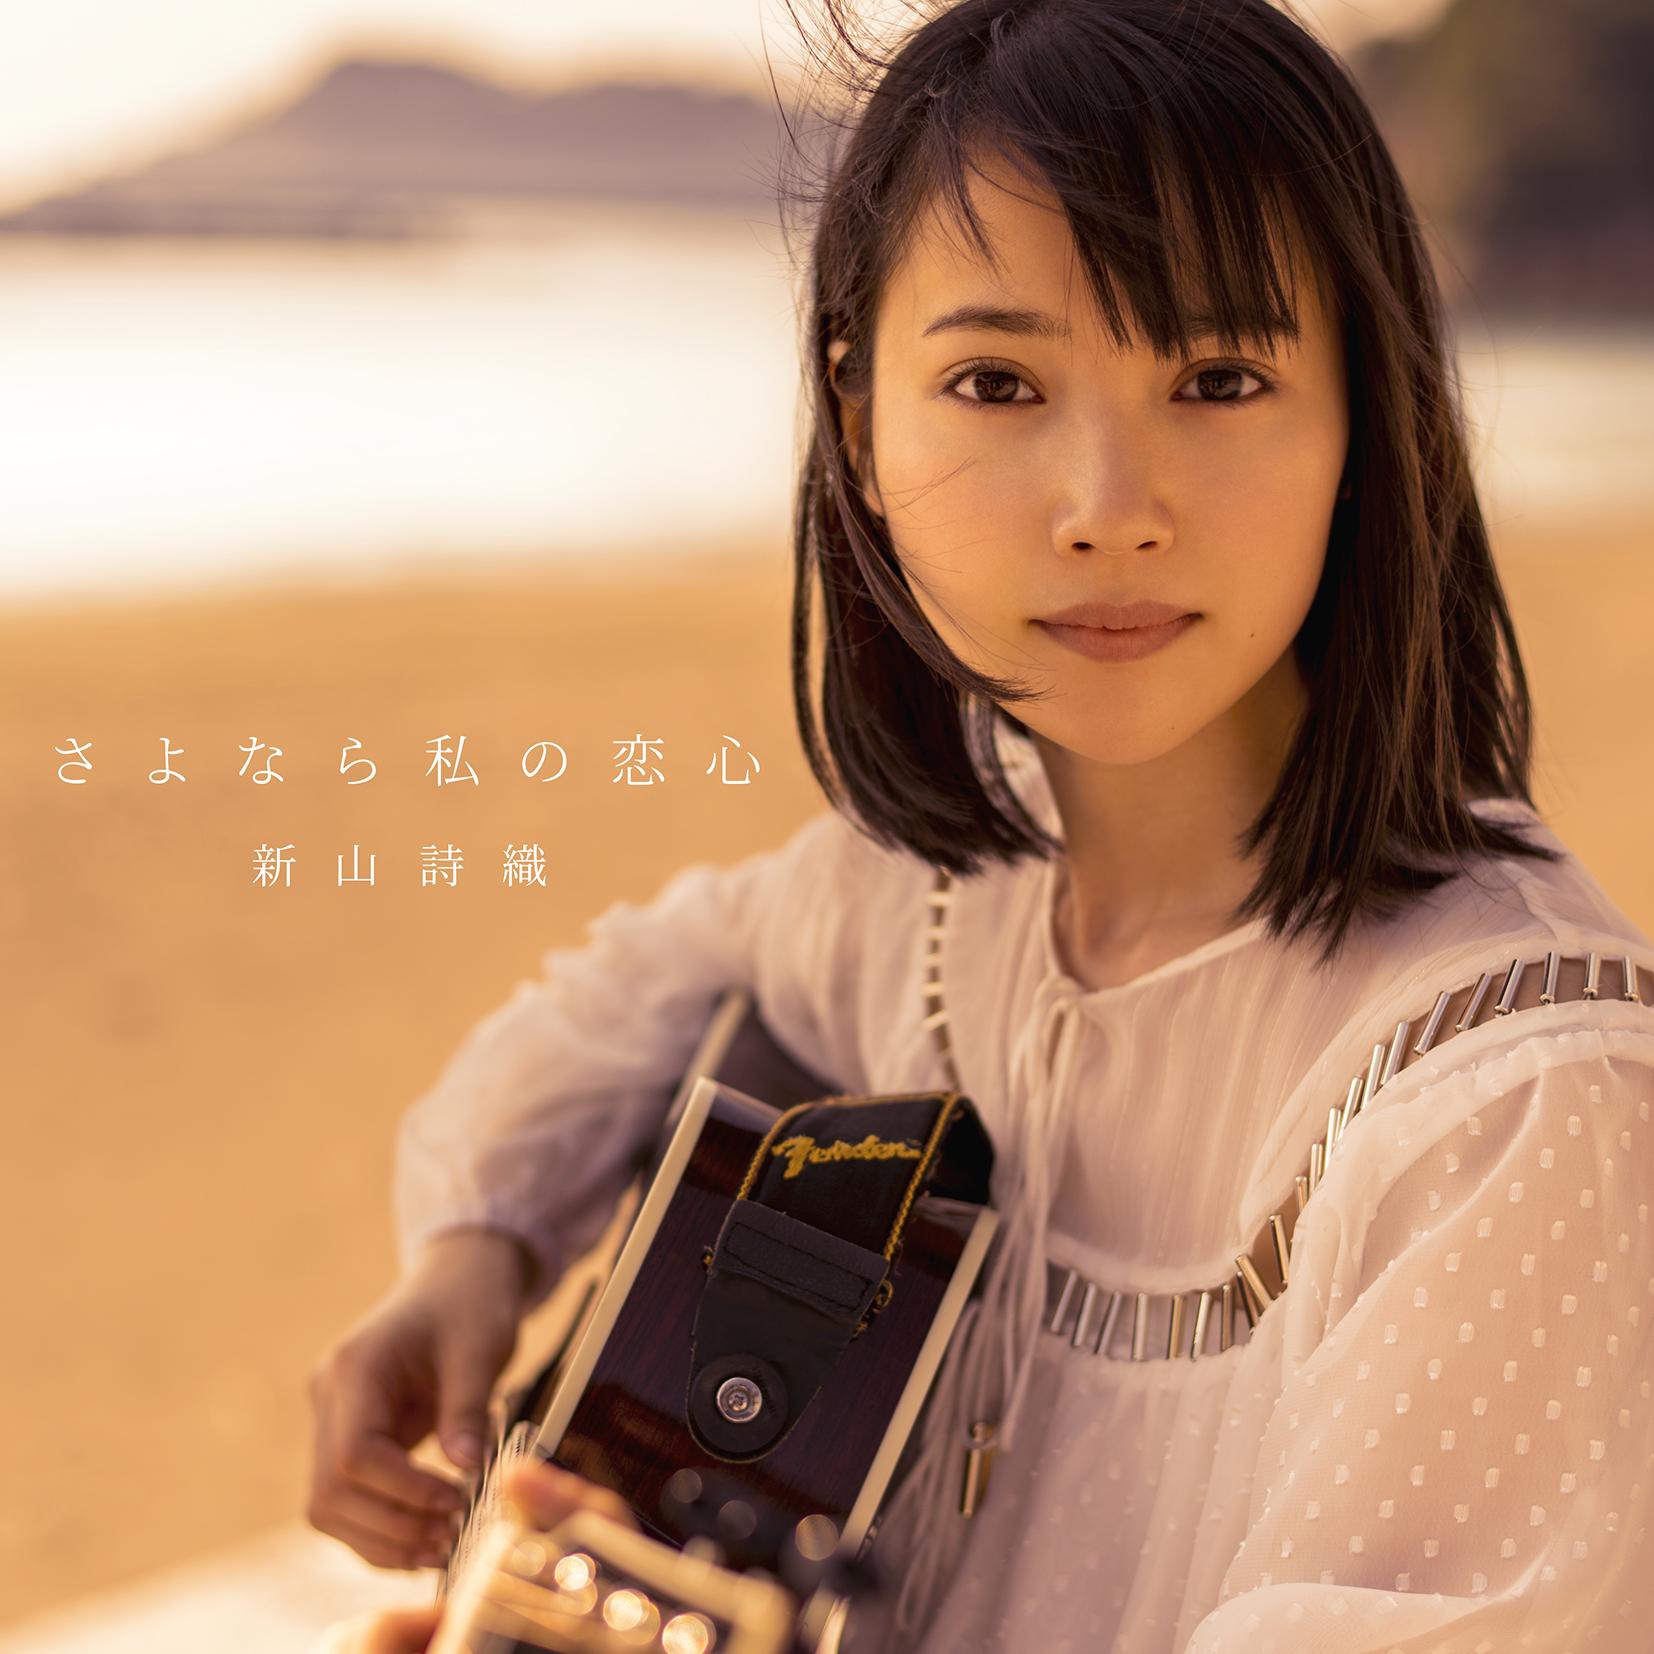 新山詩織 新曲「さよなら私の恋心」 レコチョク先行で8月23日にデジタル配信決定!